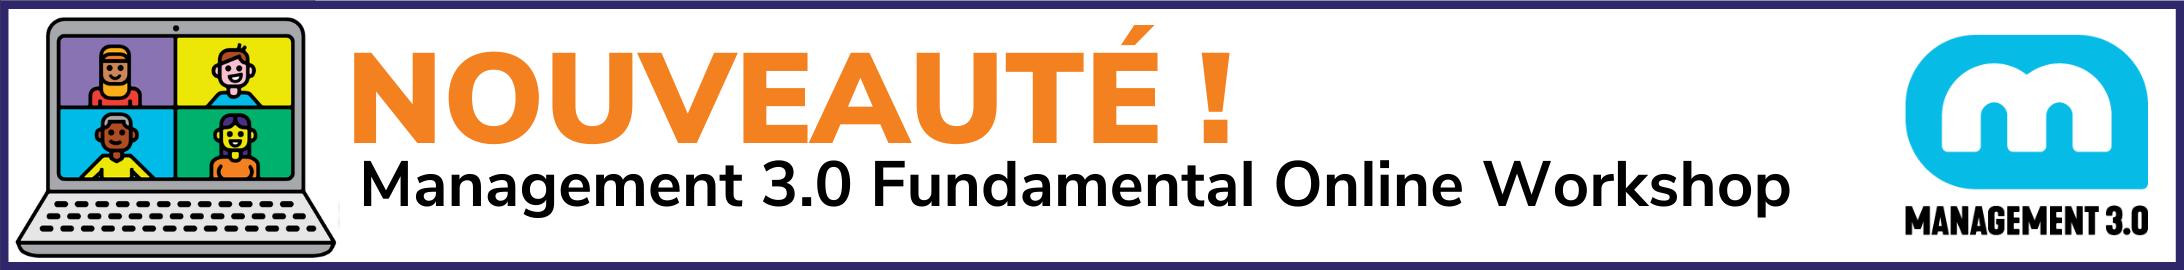 nouveauté management 3.0 fundamental online workshop